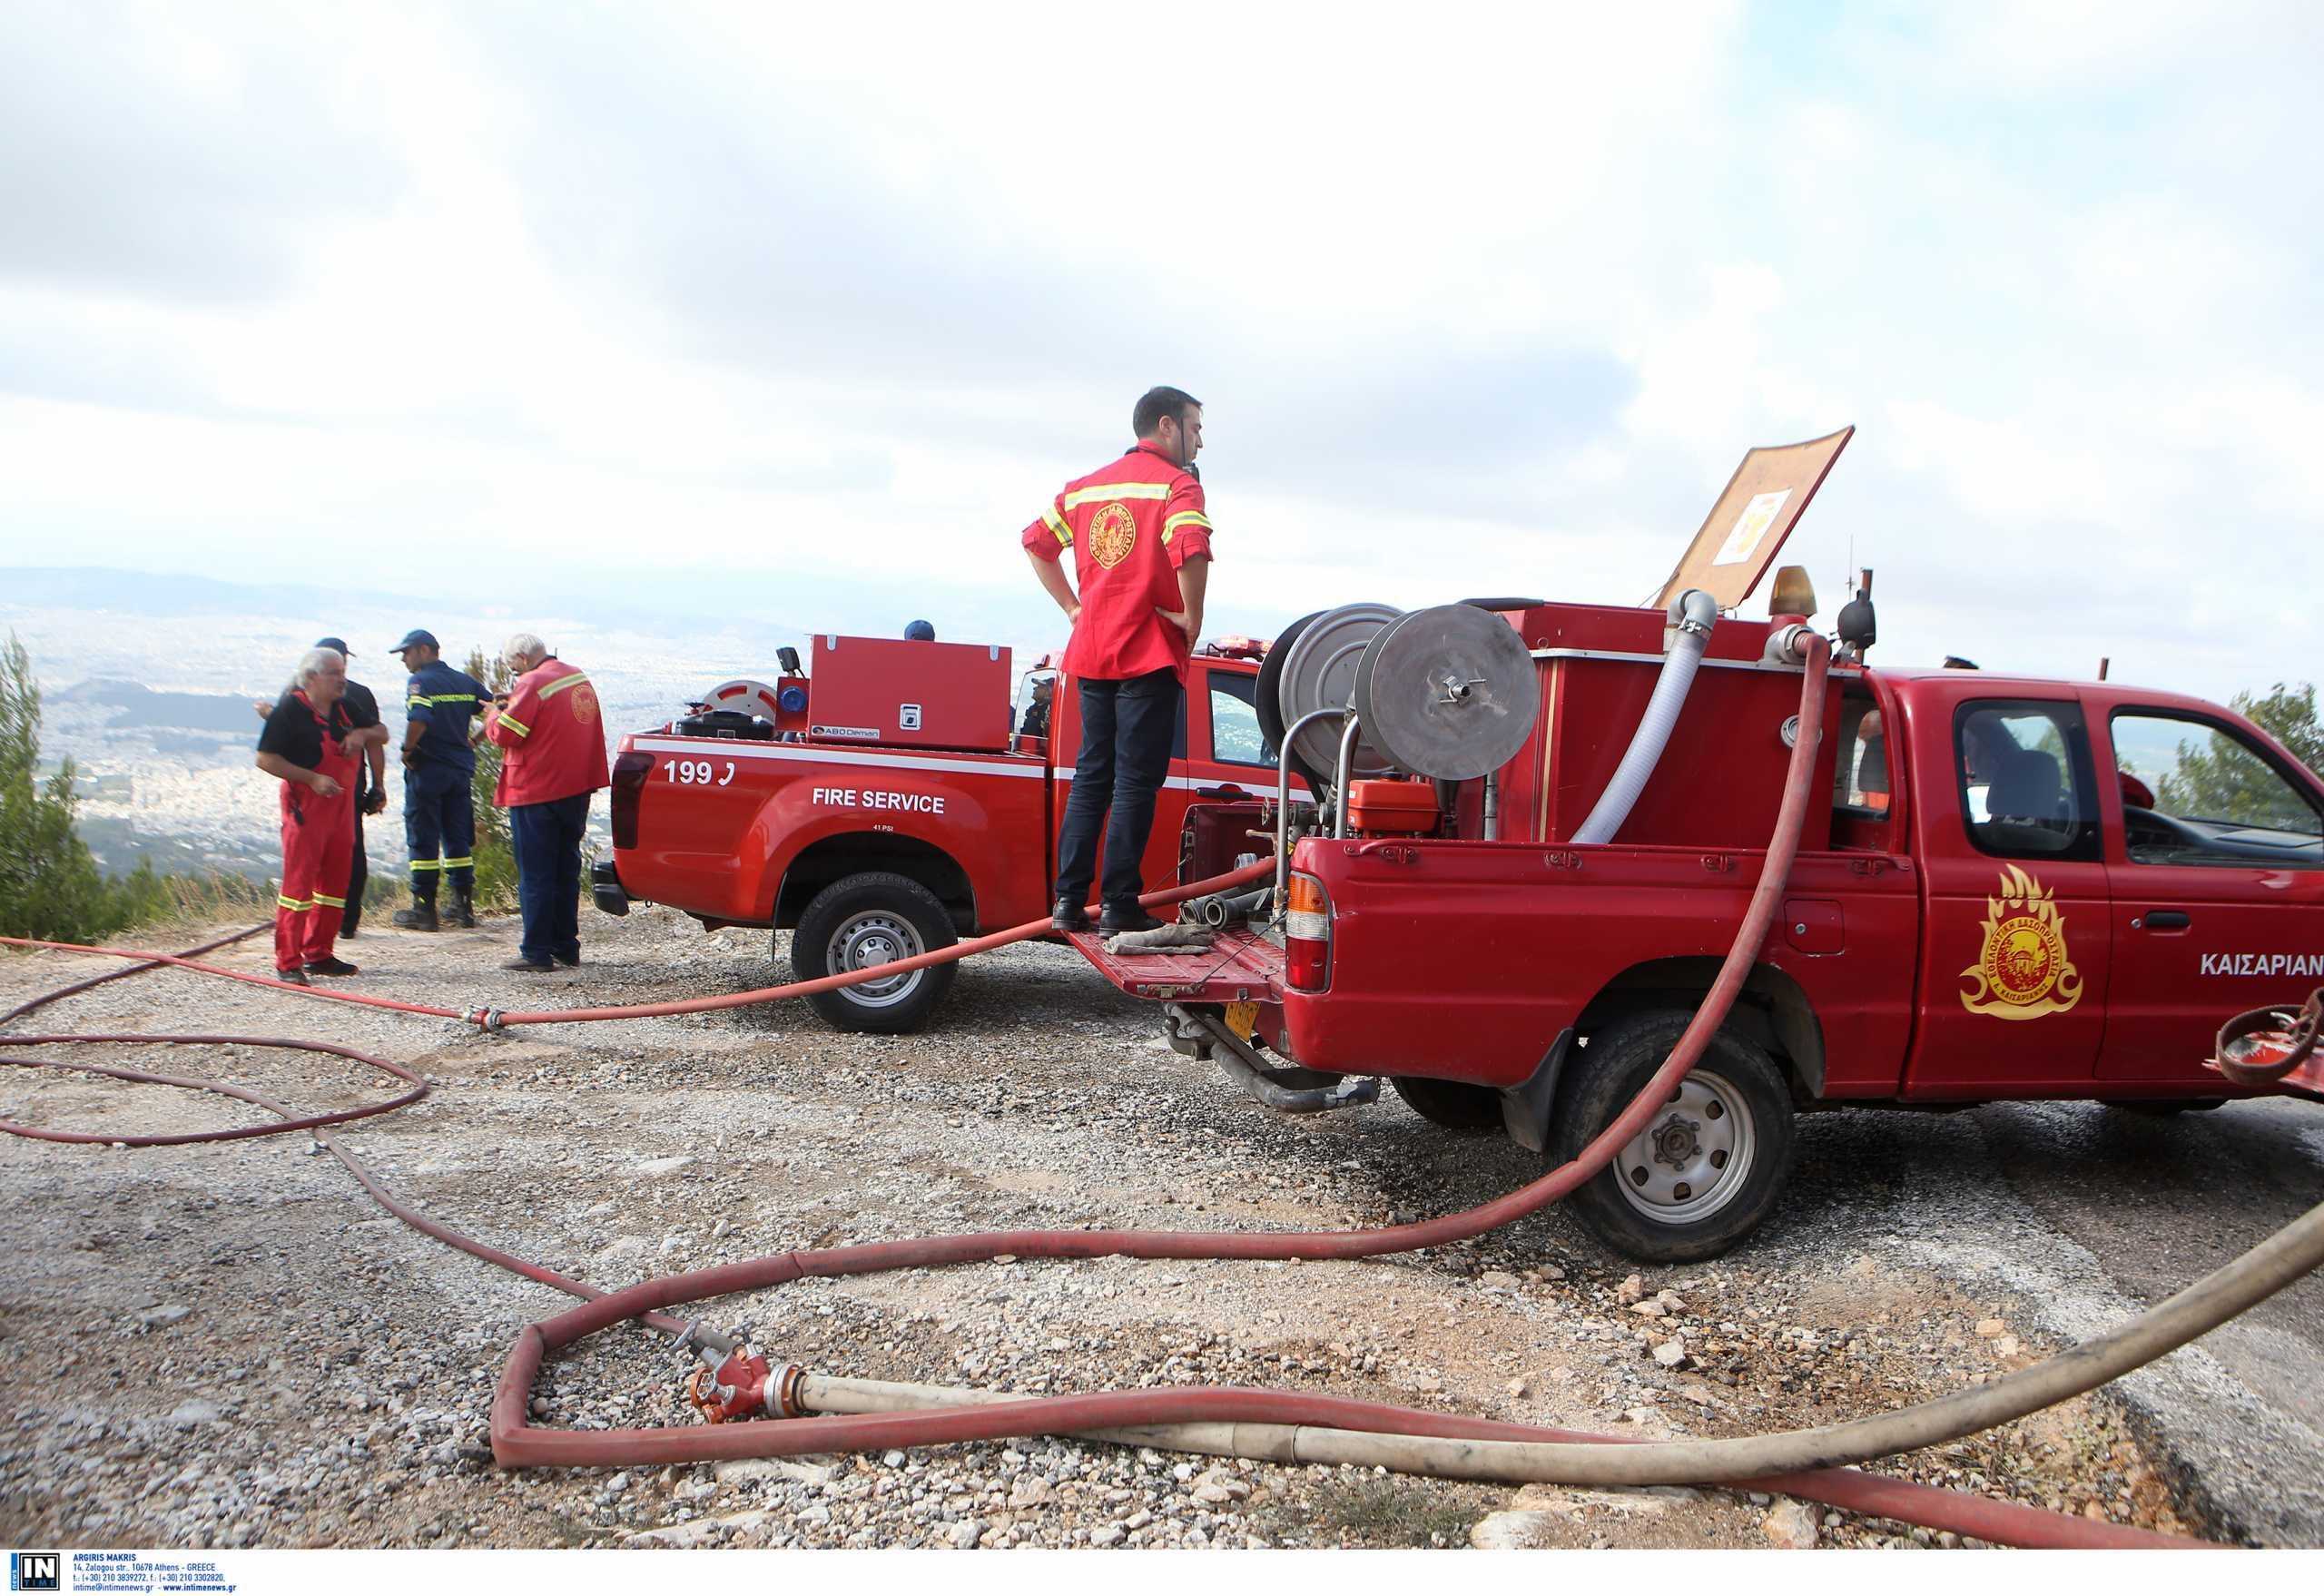 Πυροσβεστικό Σώμα: Ανακατανομή οργανικών θέσεων μετά την απόφαση του ΣτΕ